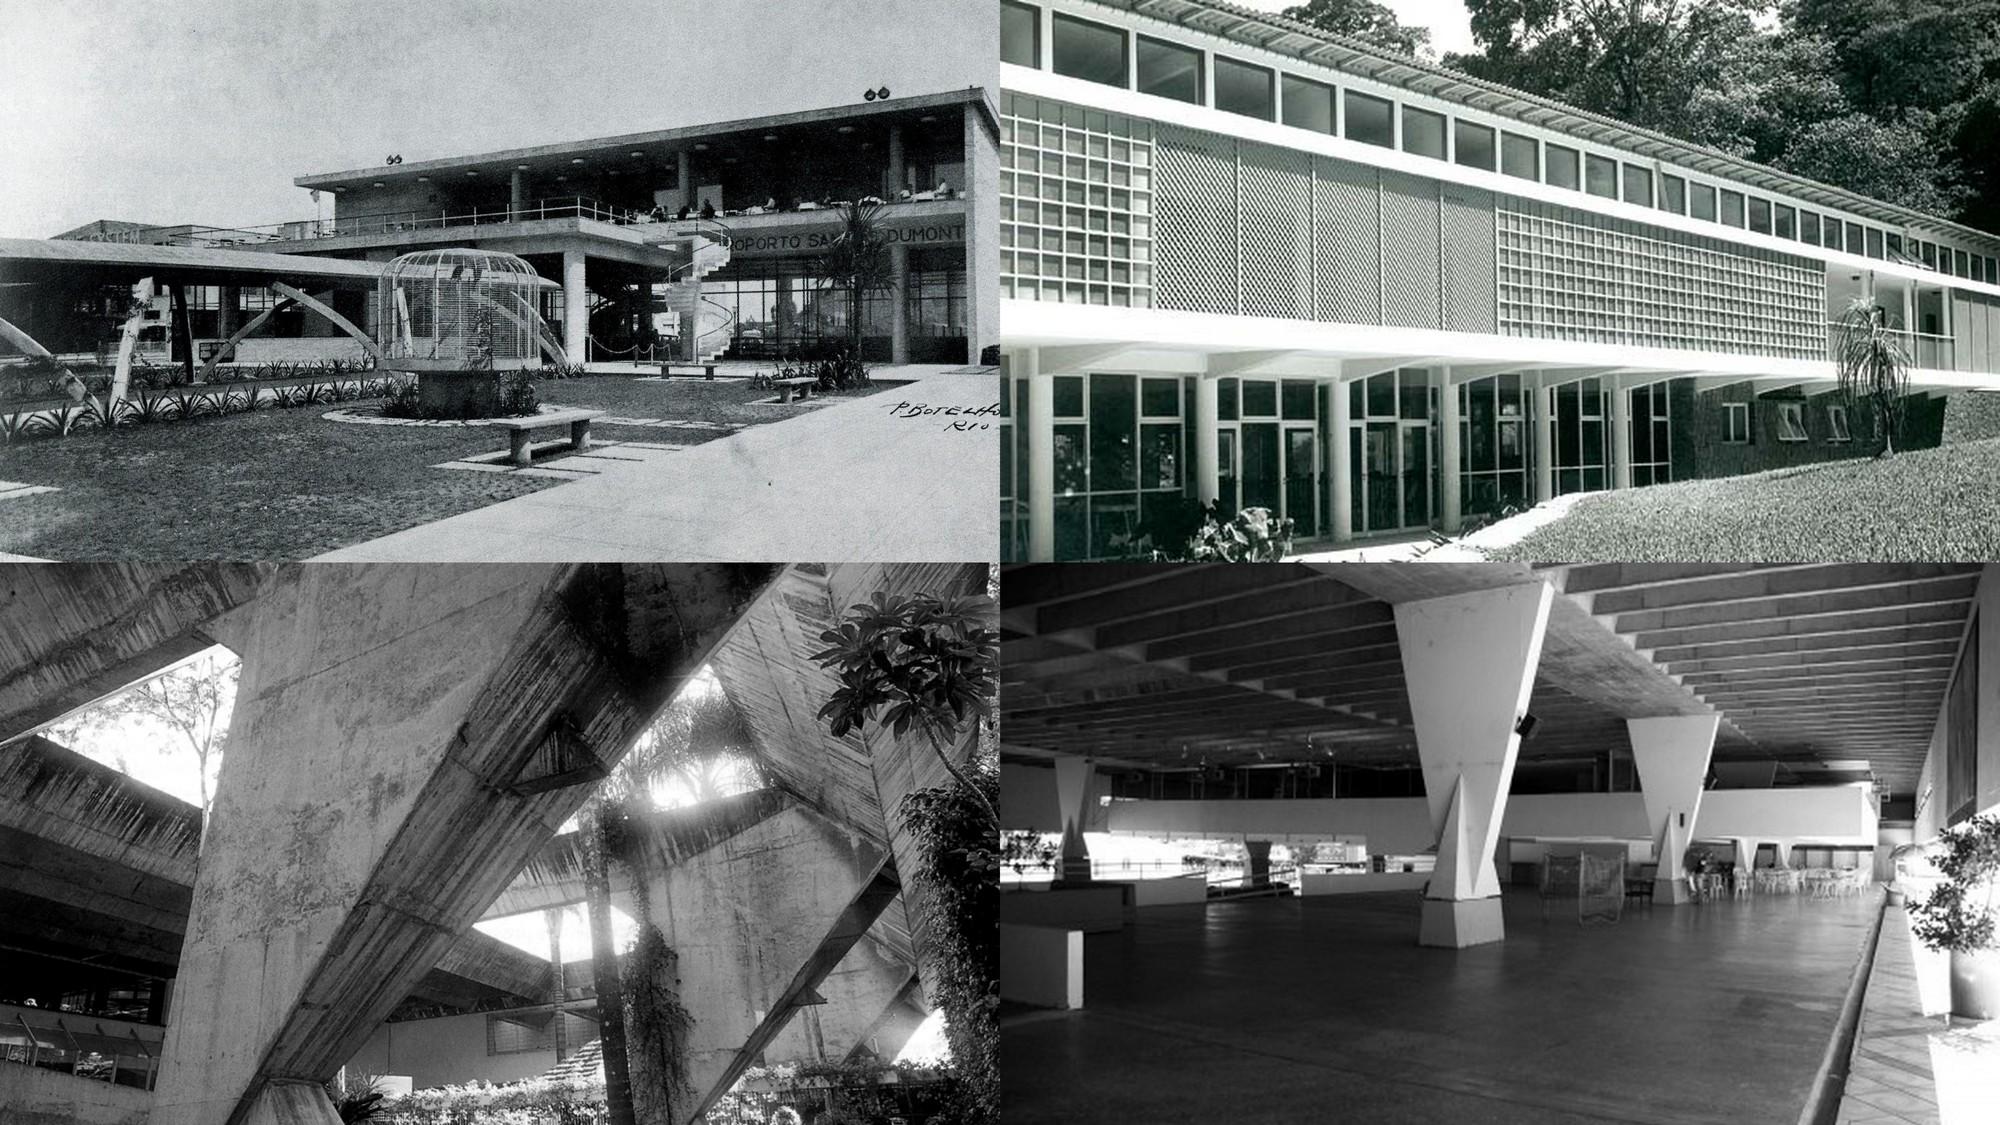 Clássicos da Arquitetura: Quatro edifícios para esporte e lazer